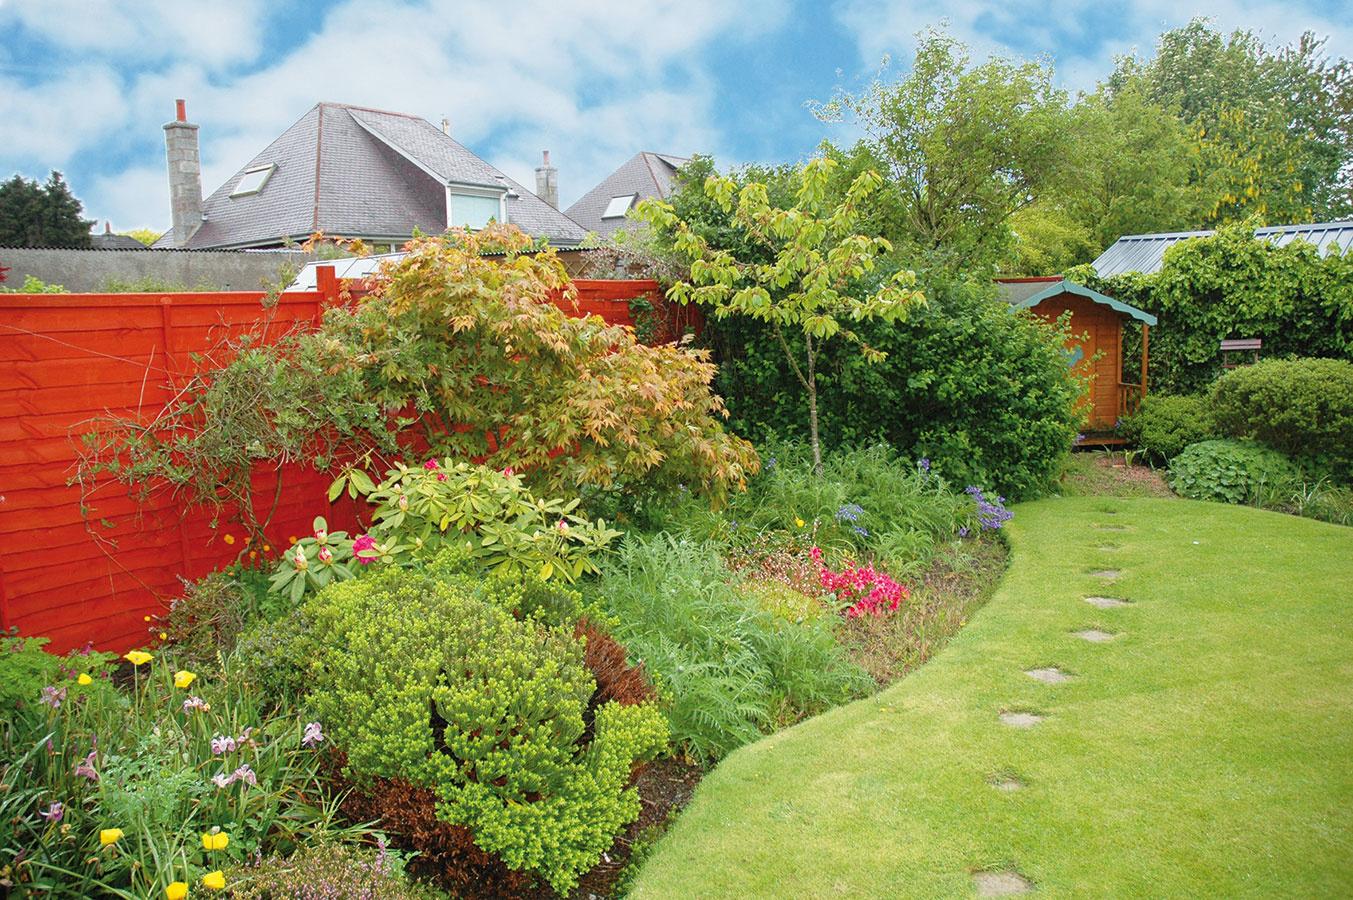 Koniec záhrady je zvyčajne miesto, kde sa umiestňuje záhradný domček. Aj tu by mal byť aspoň čiastočne maskovaný azároveň pohodlne prístupný. Vtomto prípade je výrazným pútačom práve plot, ktorý je súčasne aj kulisou pre zeleň. Aj takýmto spôsobom možno odvrátiť pozornosť od tých záhradných partií, ktoré nie príliš lahodia oku – stačí zvýrazniť iný prvok.